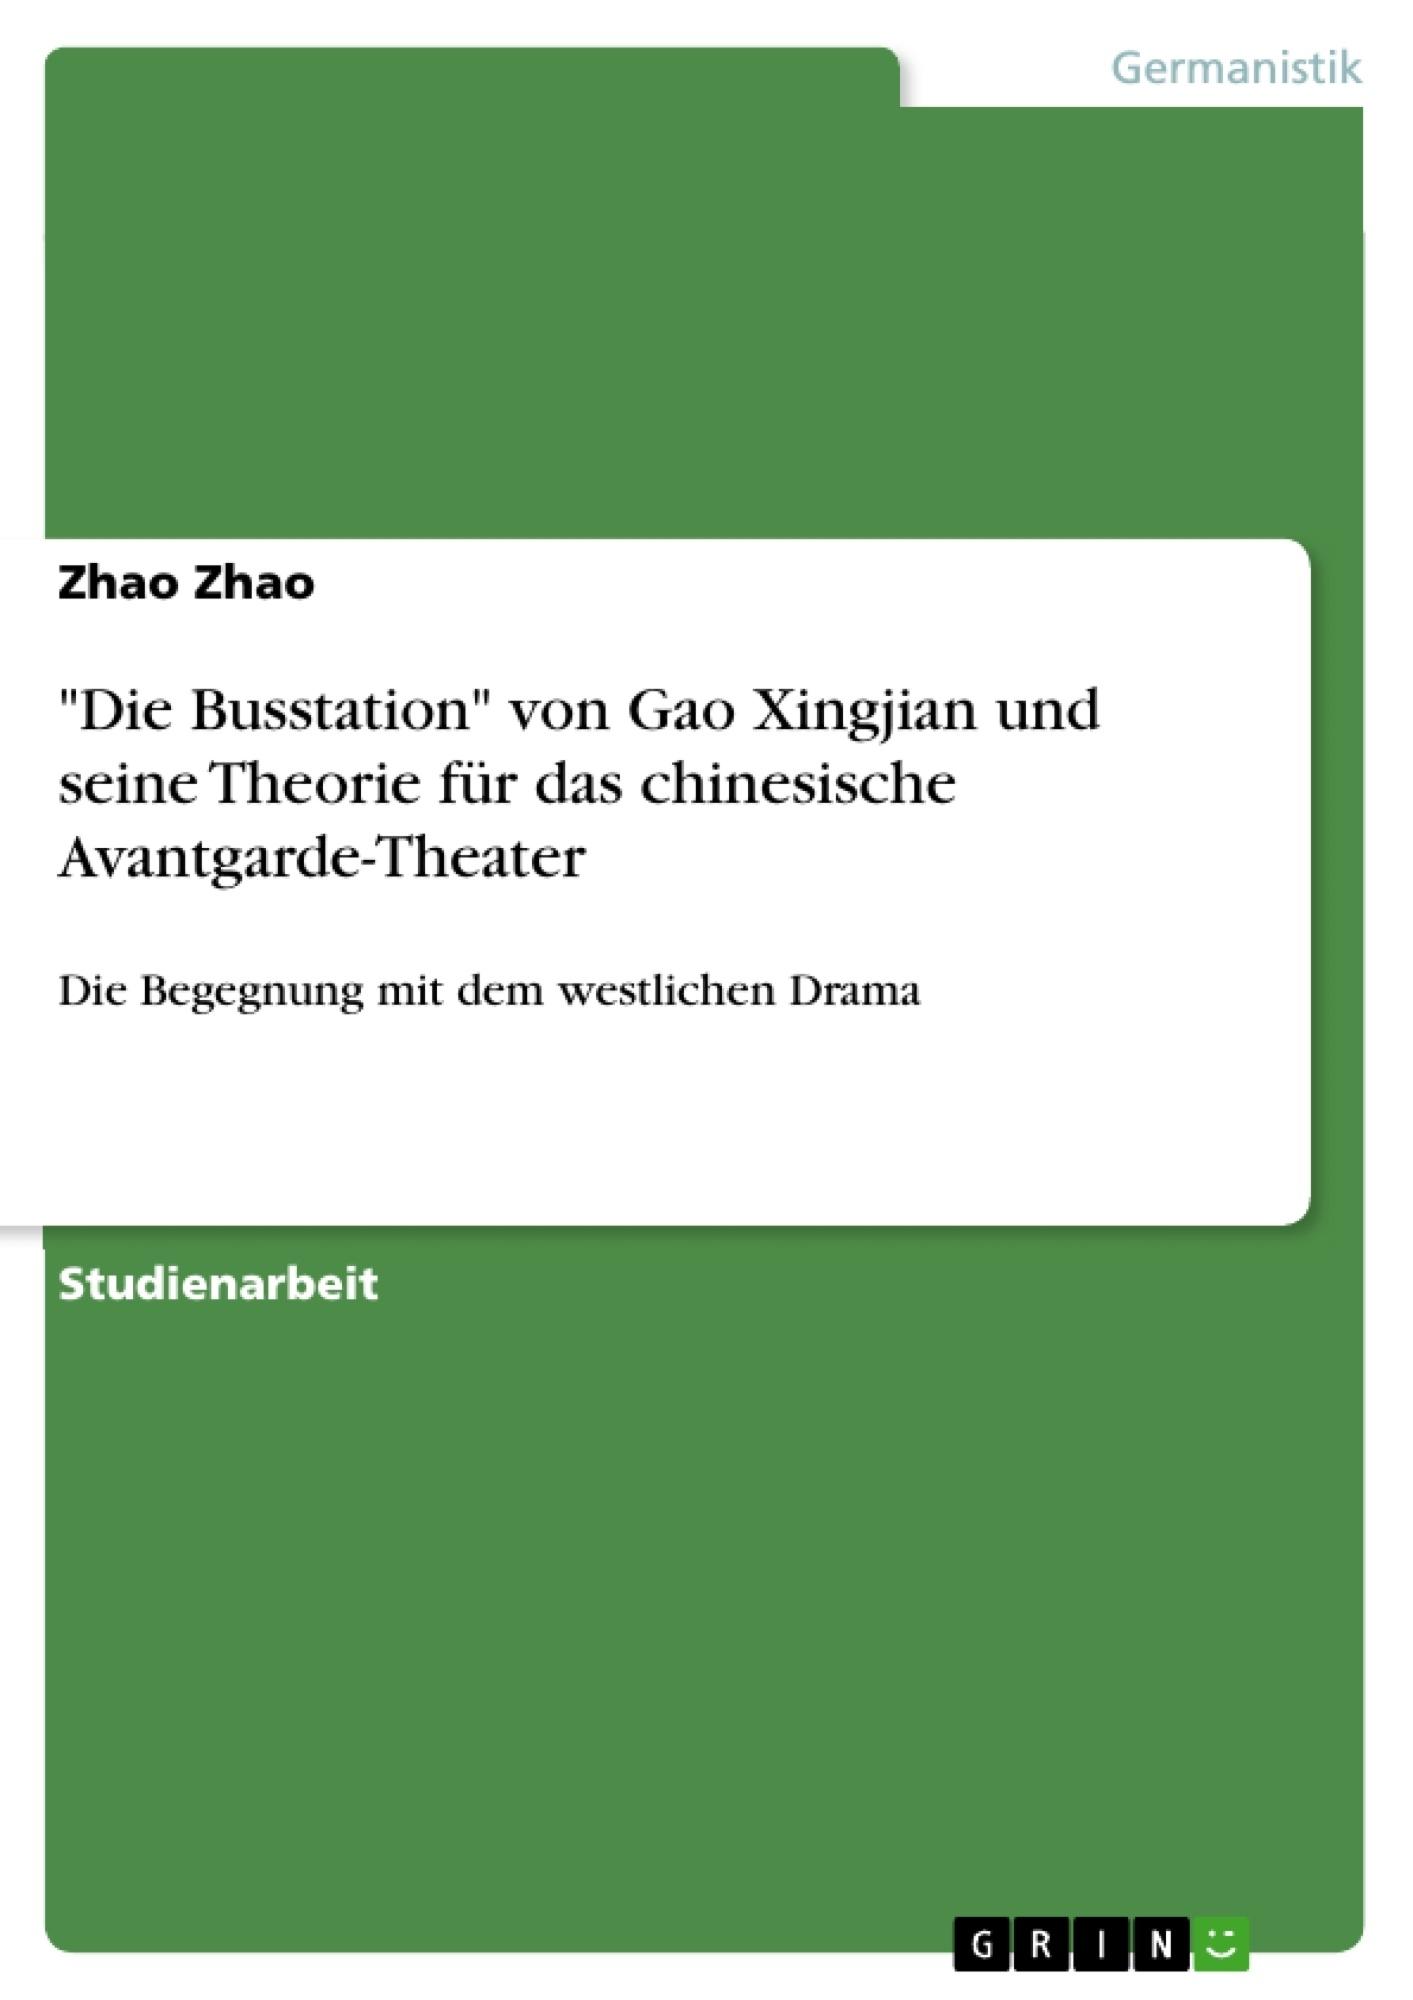 """Titel: """"Die Busstation"""" von Gao Xingjian und seine Theorie für das chinesische Avantgarde-Theater"""